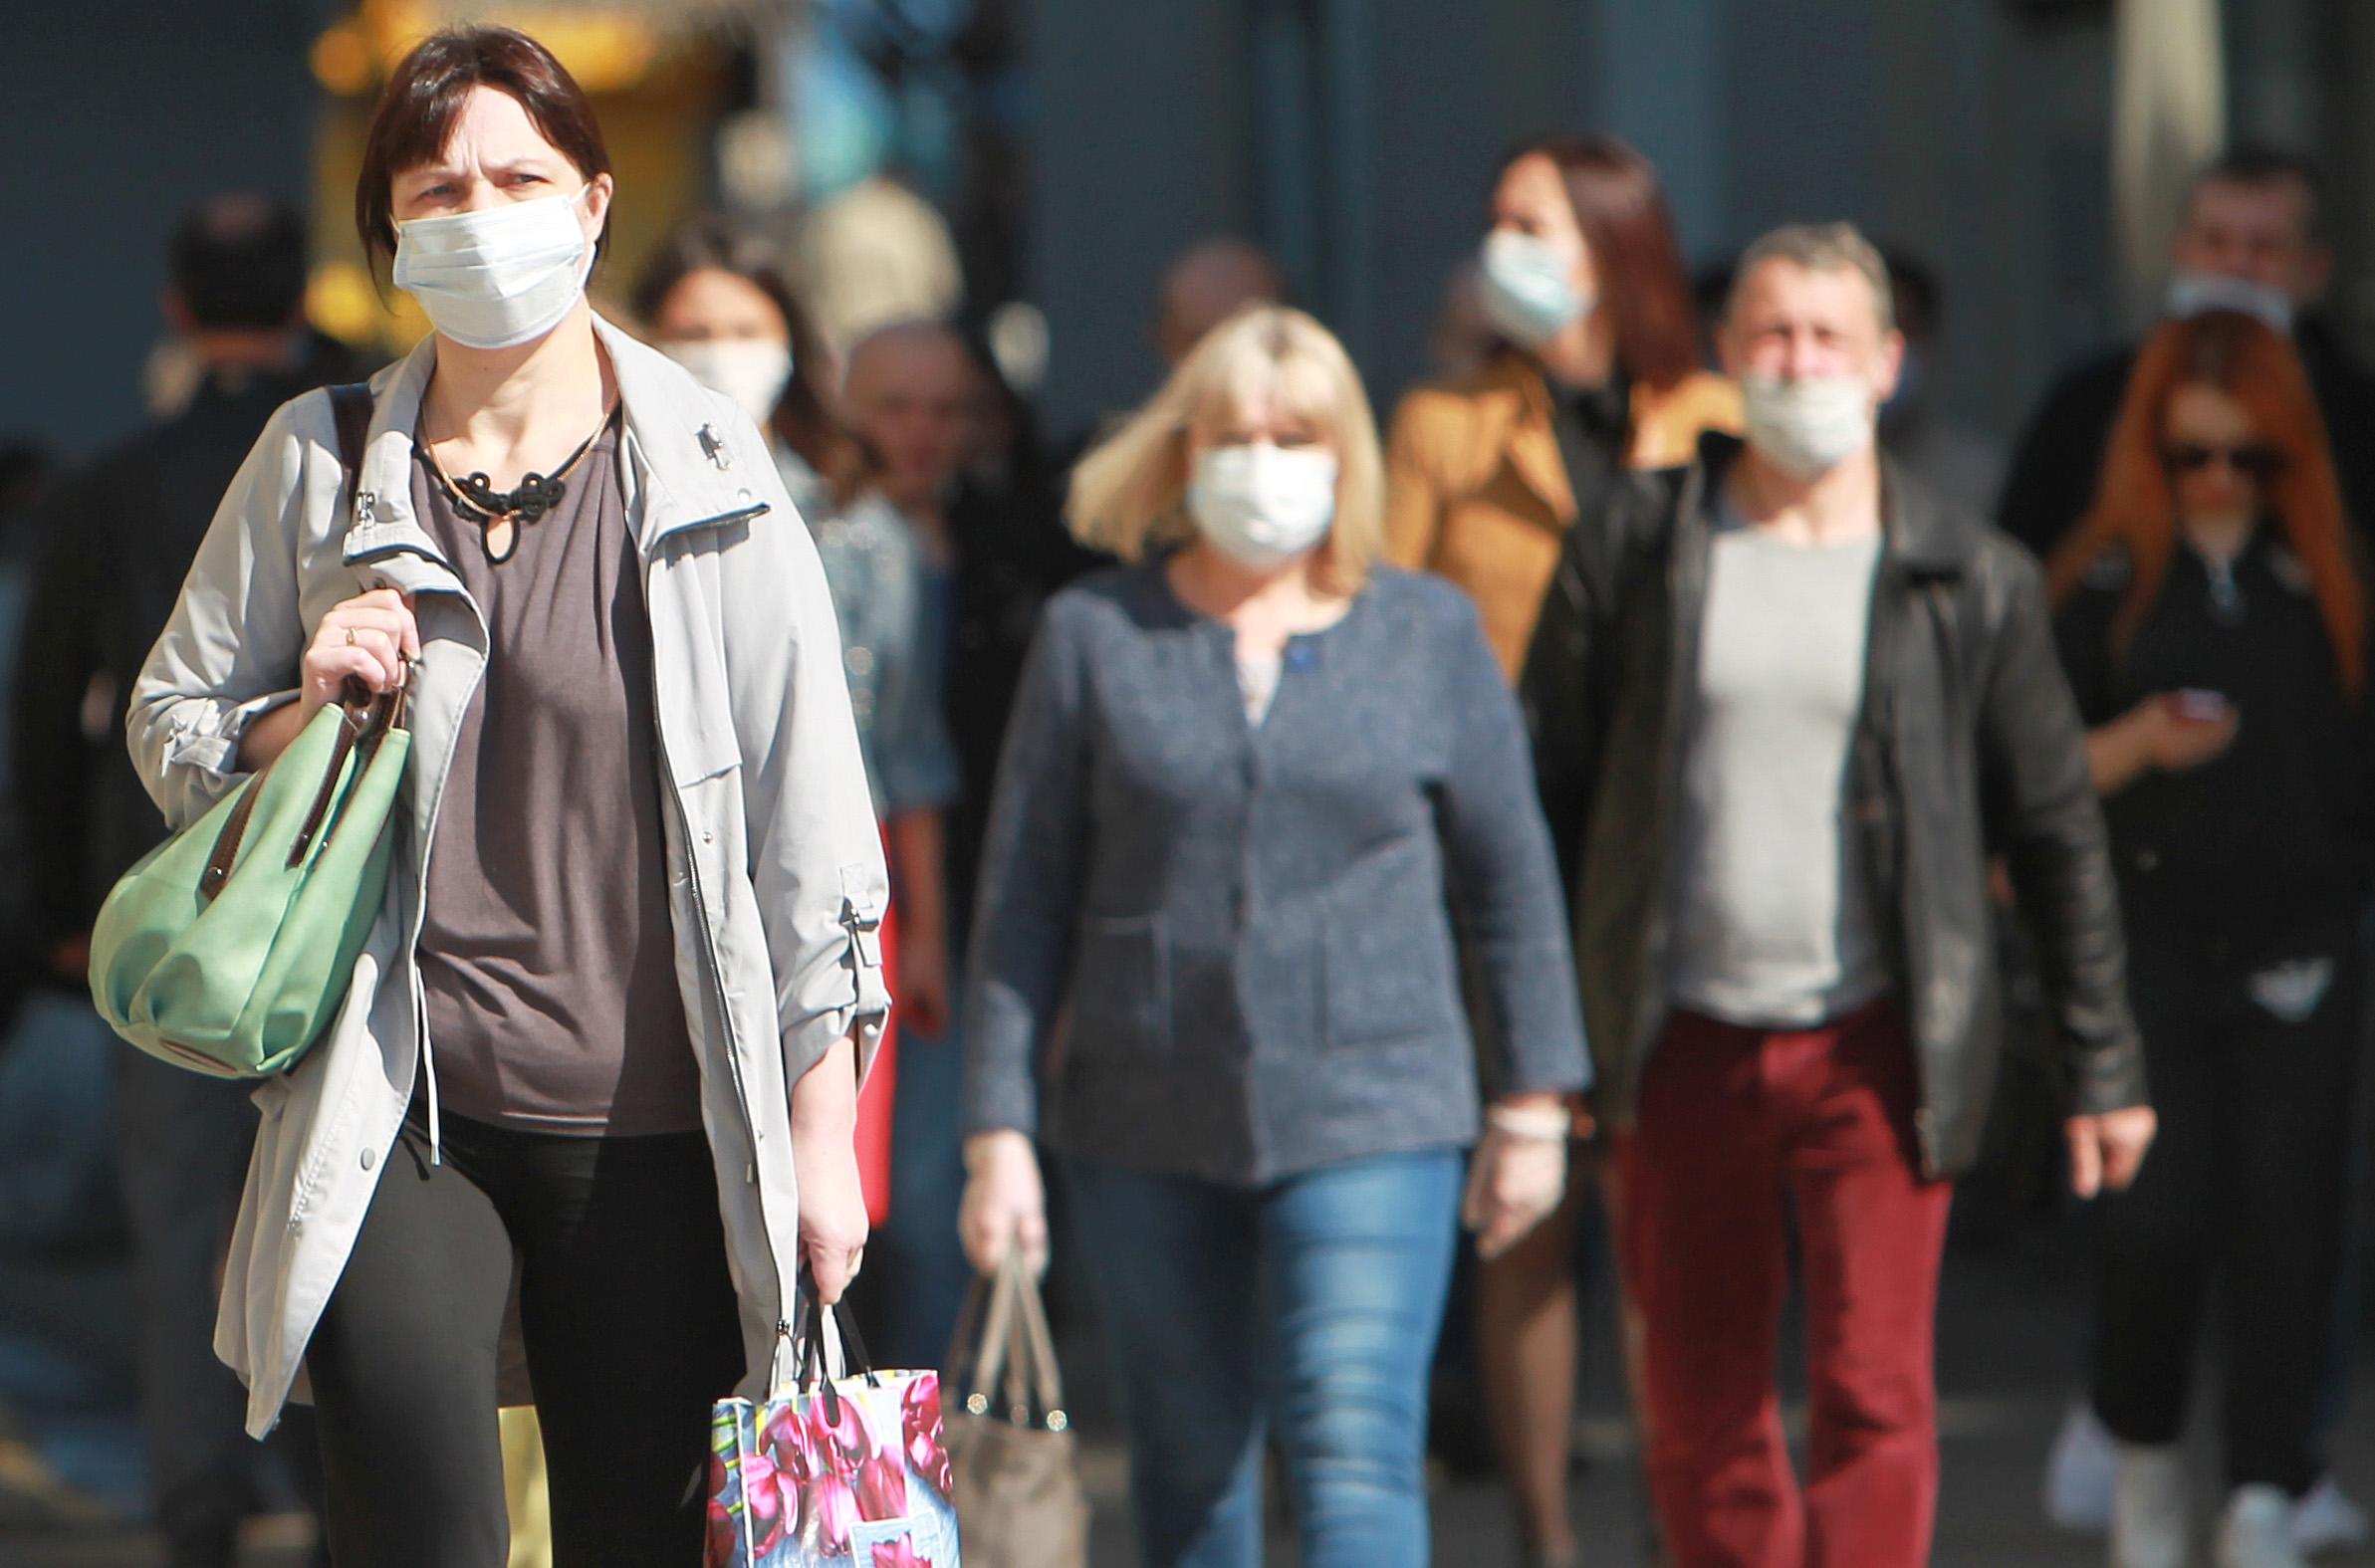 В столичном регионе Южной Кореи вводят новые ограничения из-за коронавируса